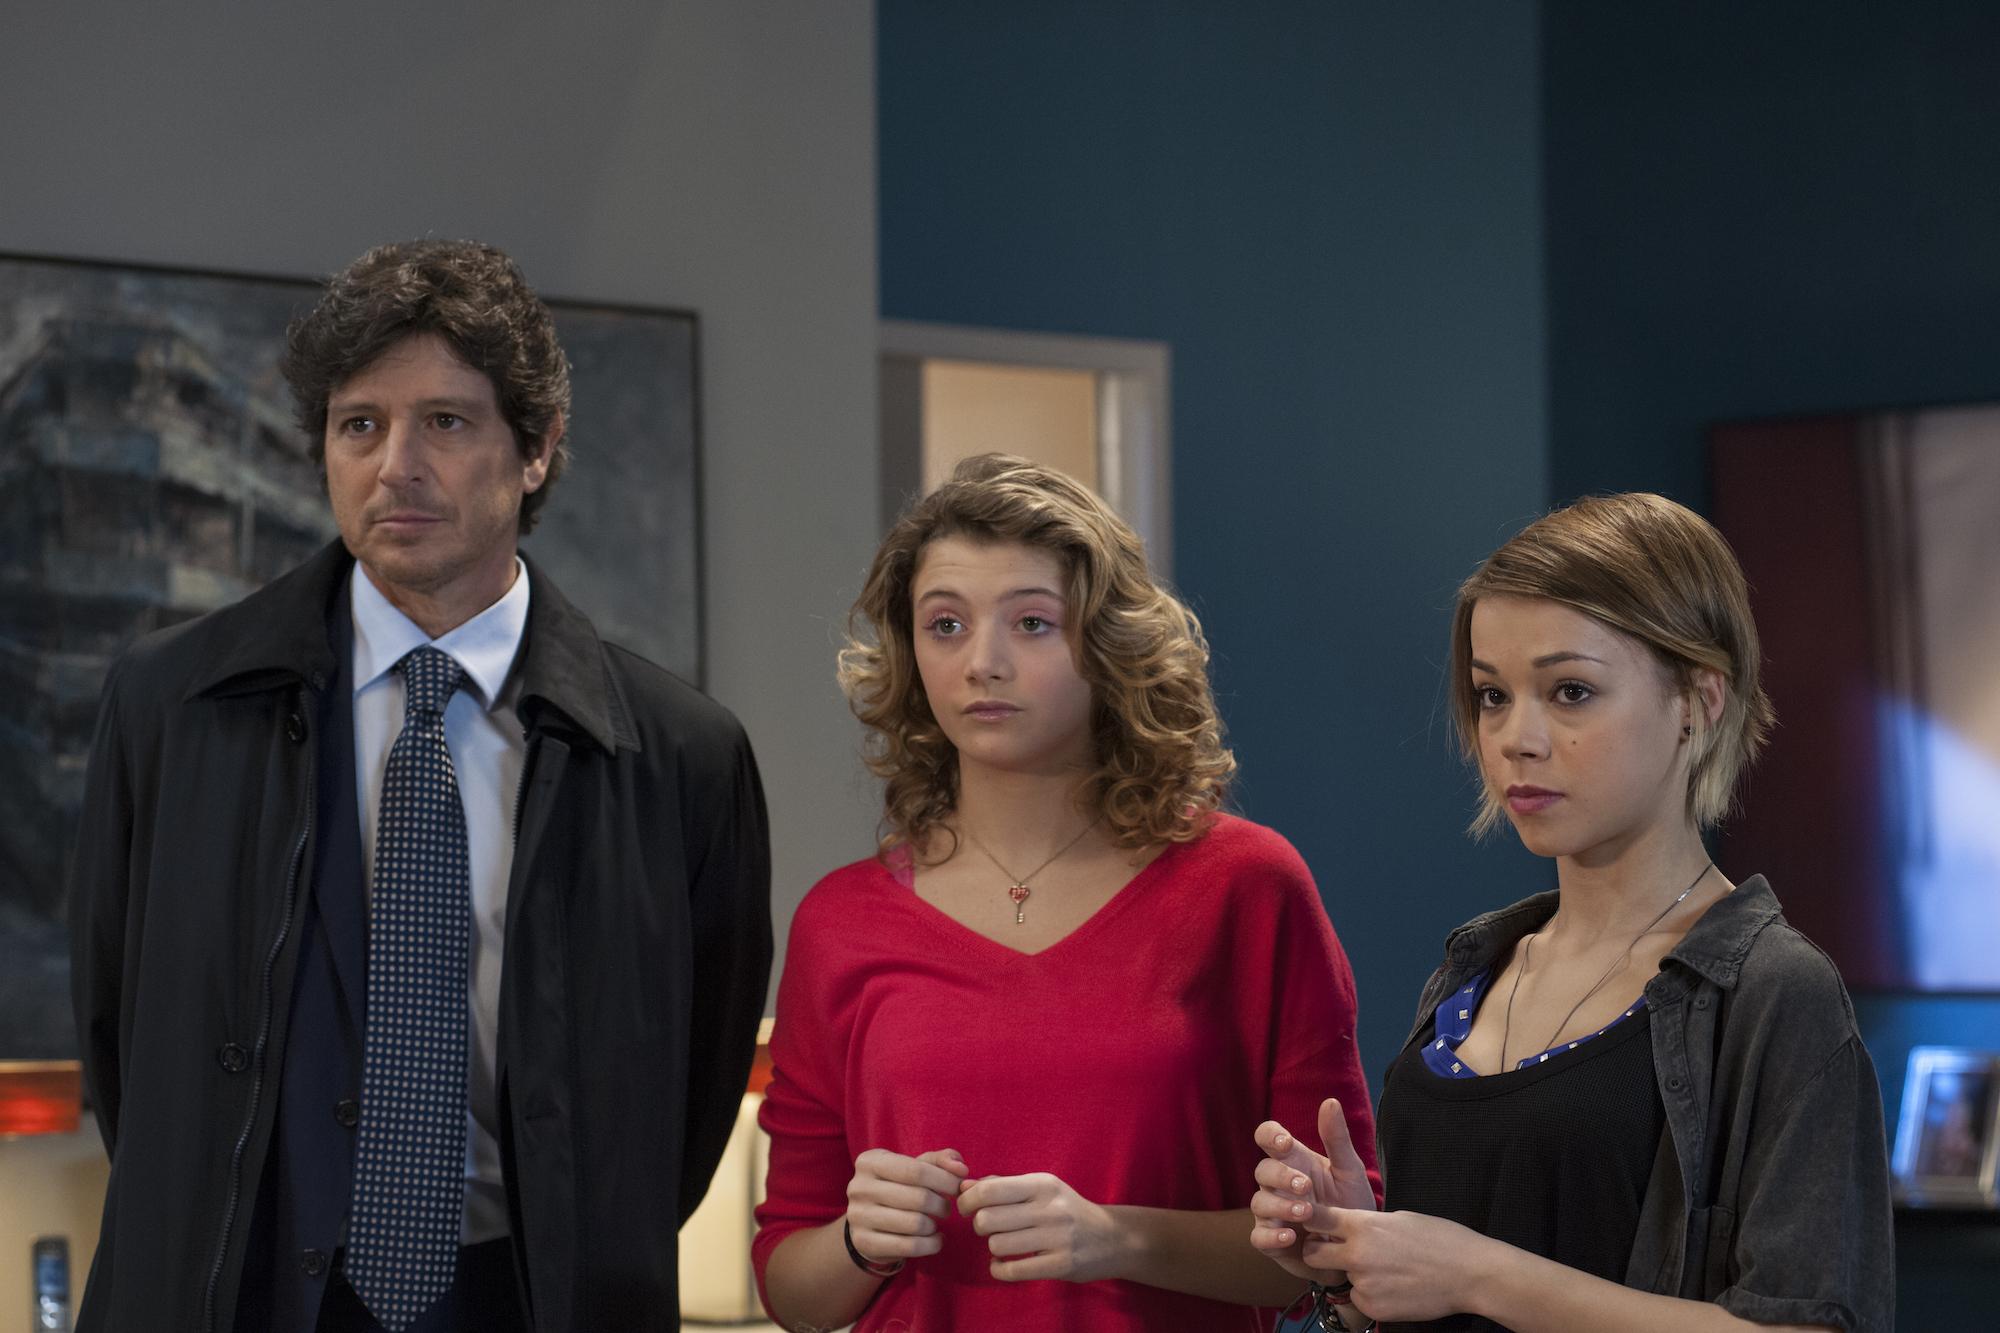 Matrimoni e altre follie: tre dei protagonisti della serie